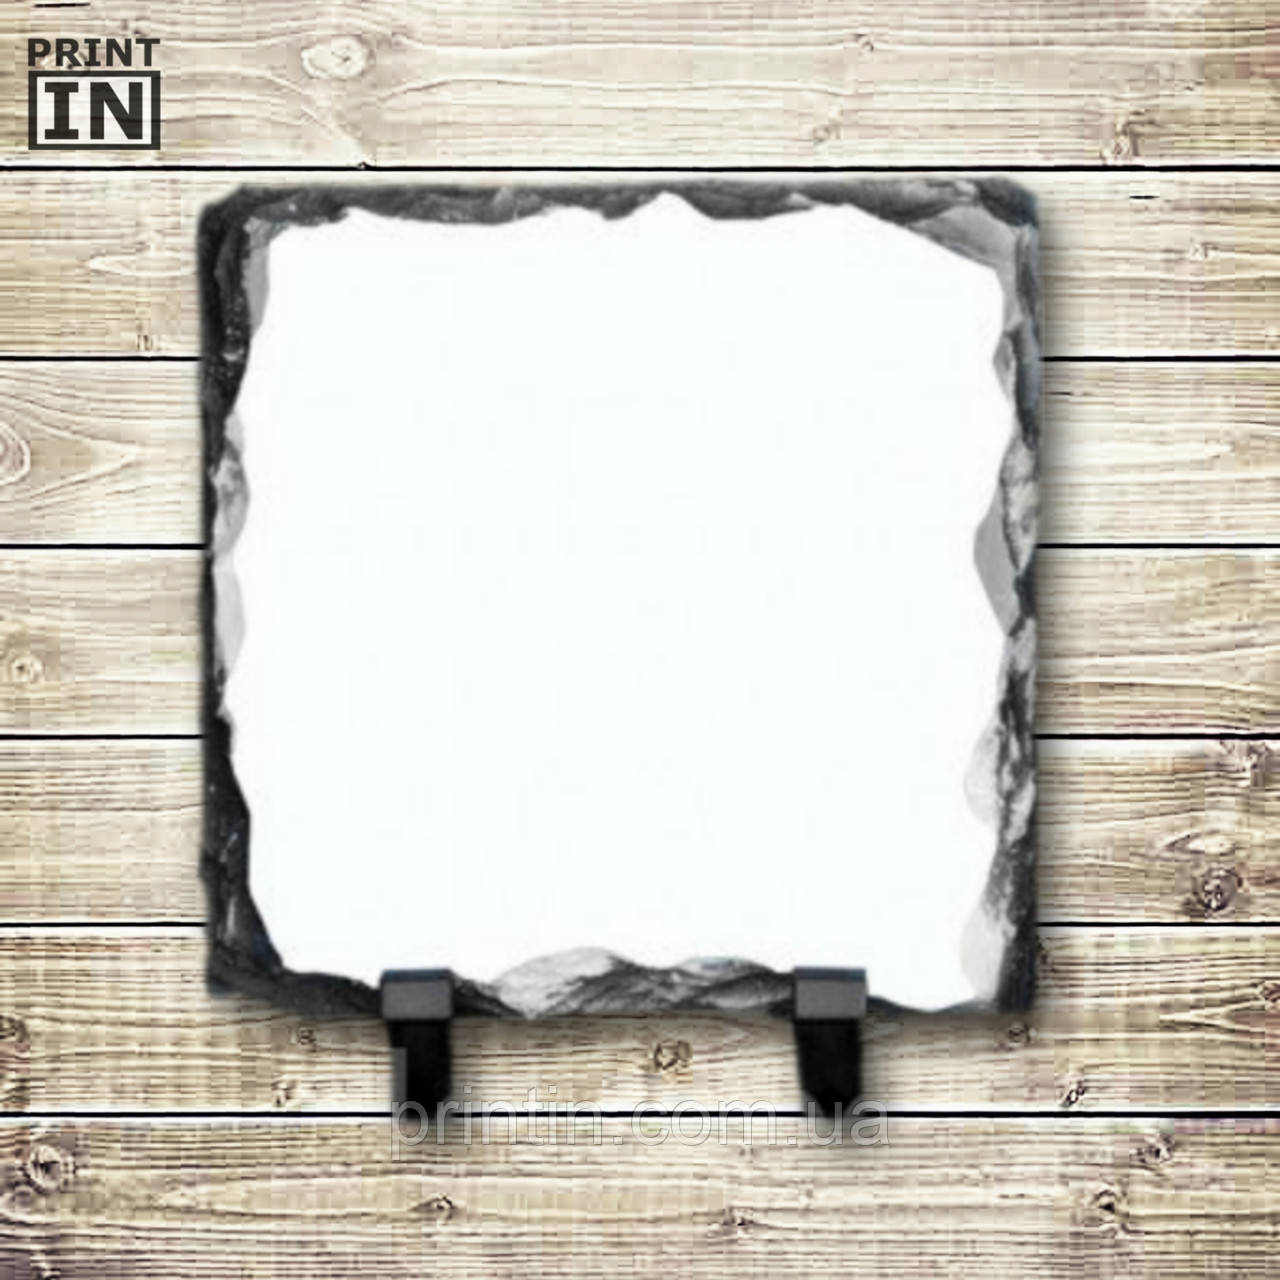 Печать на каменной рамке (квадрат 15х15см)